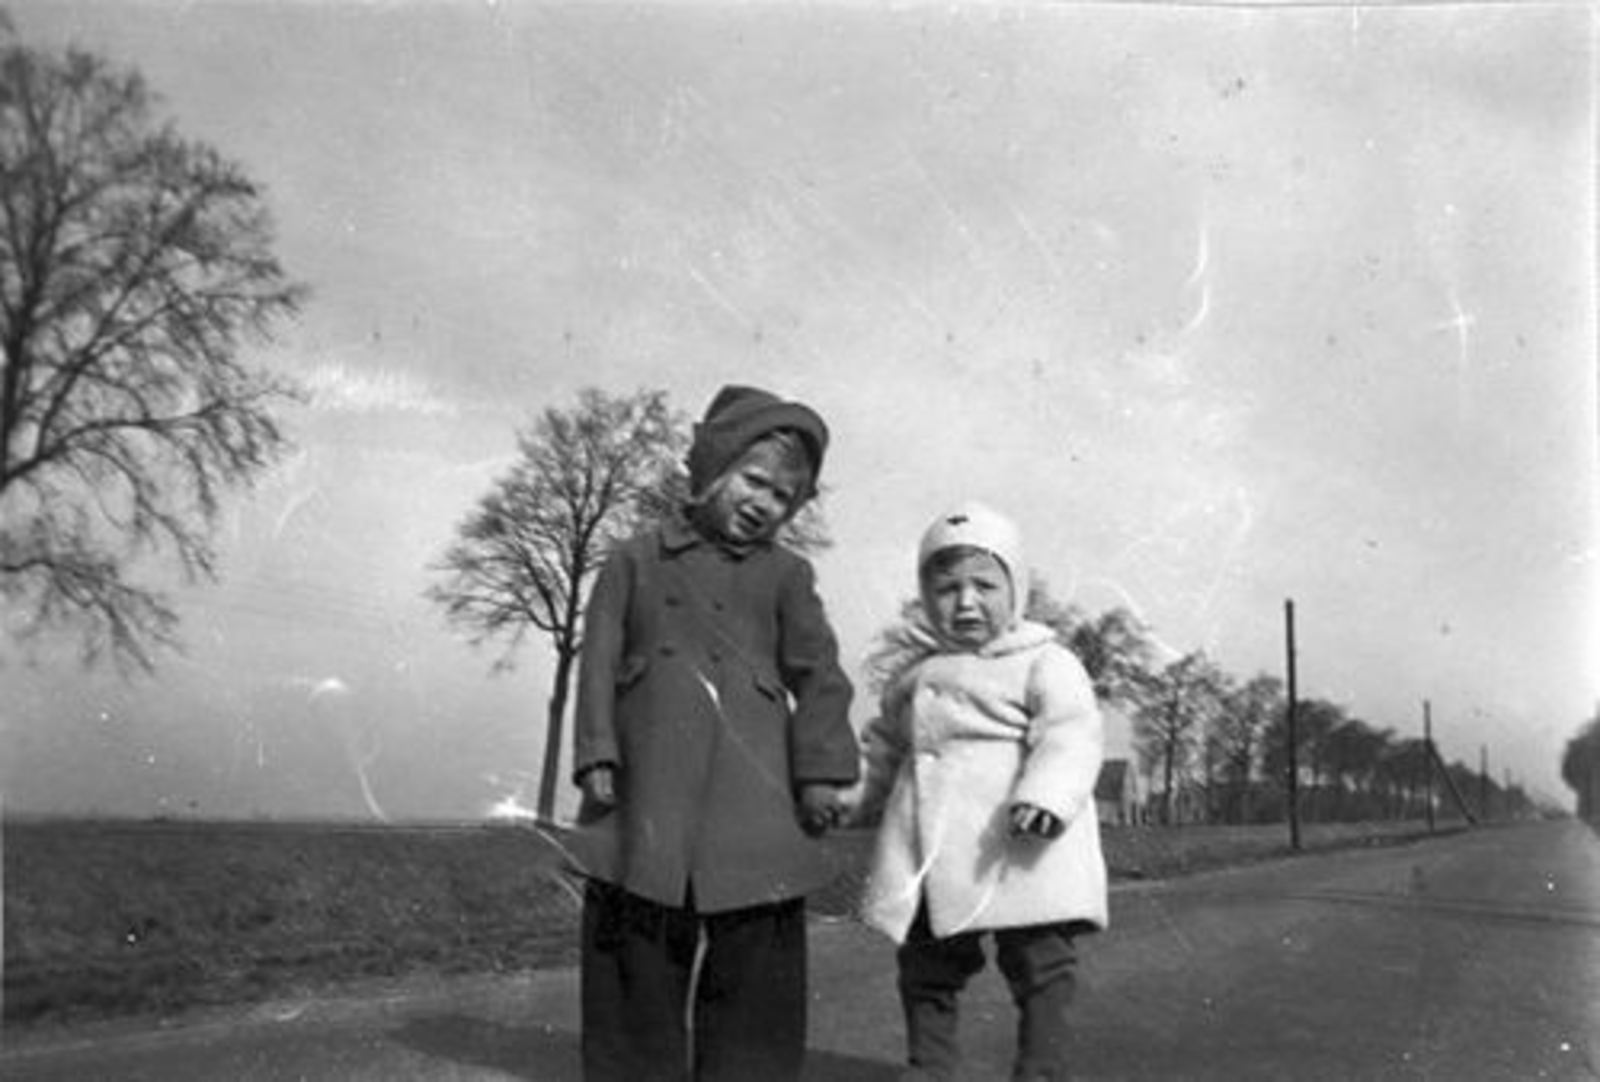 Dam Marijtje J 1930 19__ Antoon Beerendonk en Ellie Dam langs Hoofdvaart